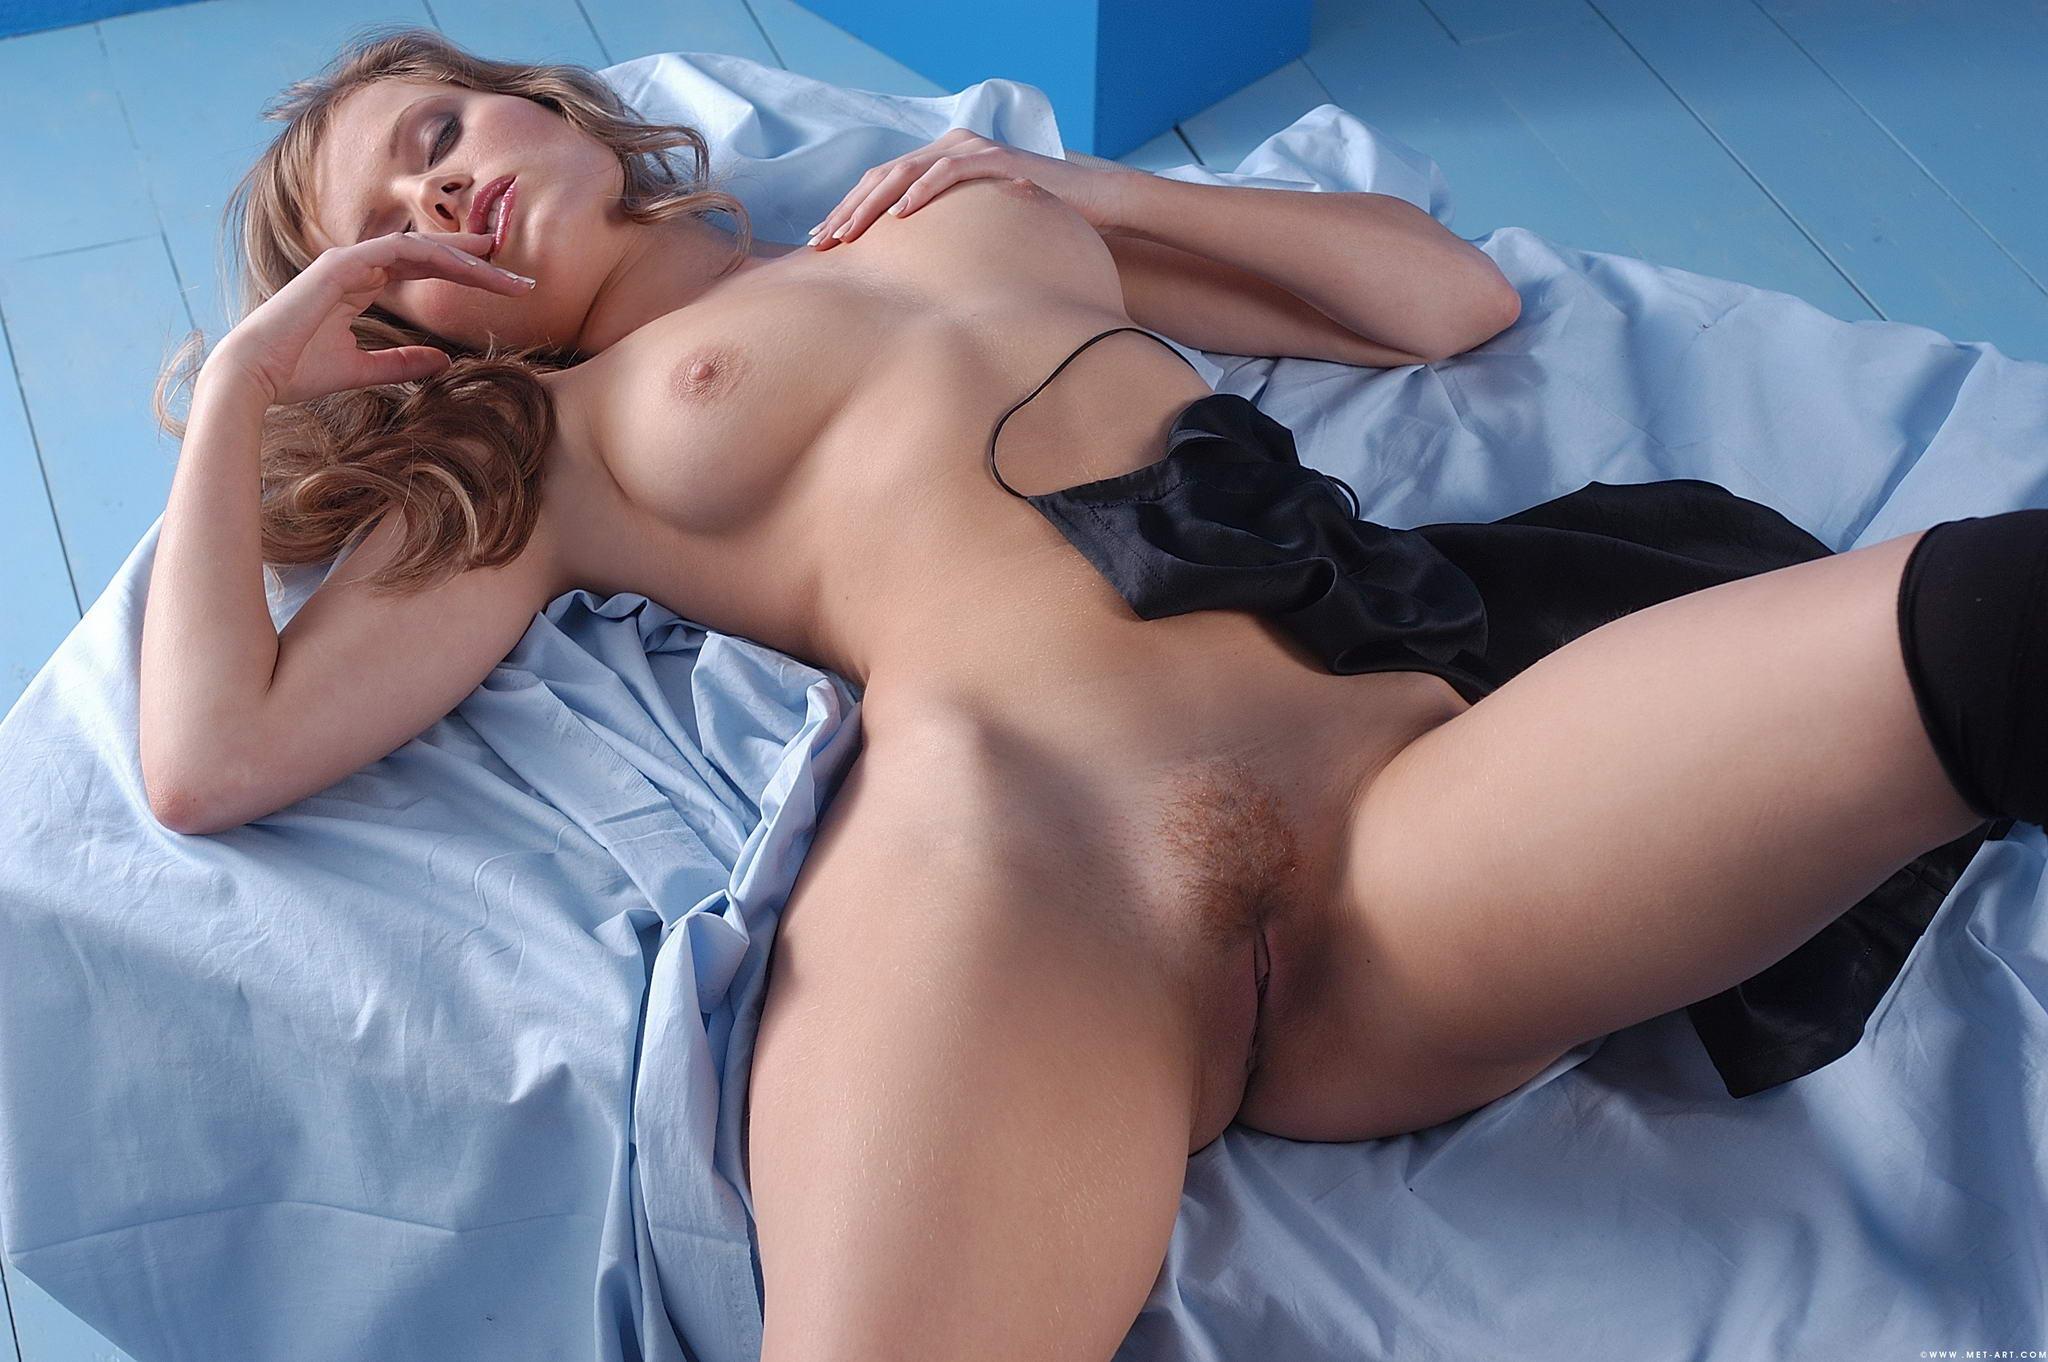 eroticheskie-kartinki-onlayn